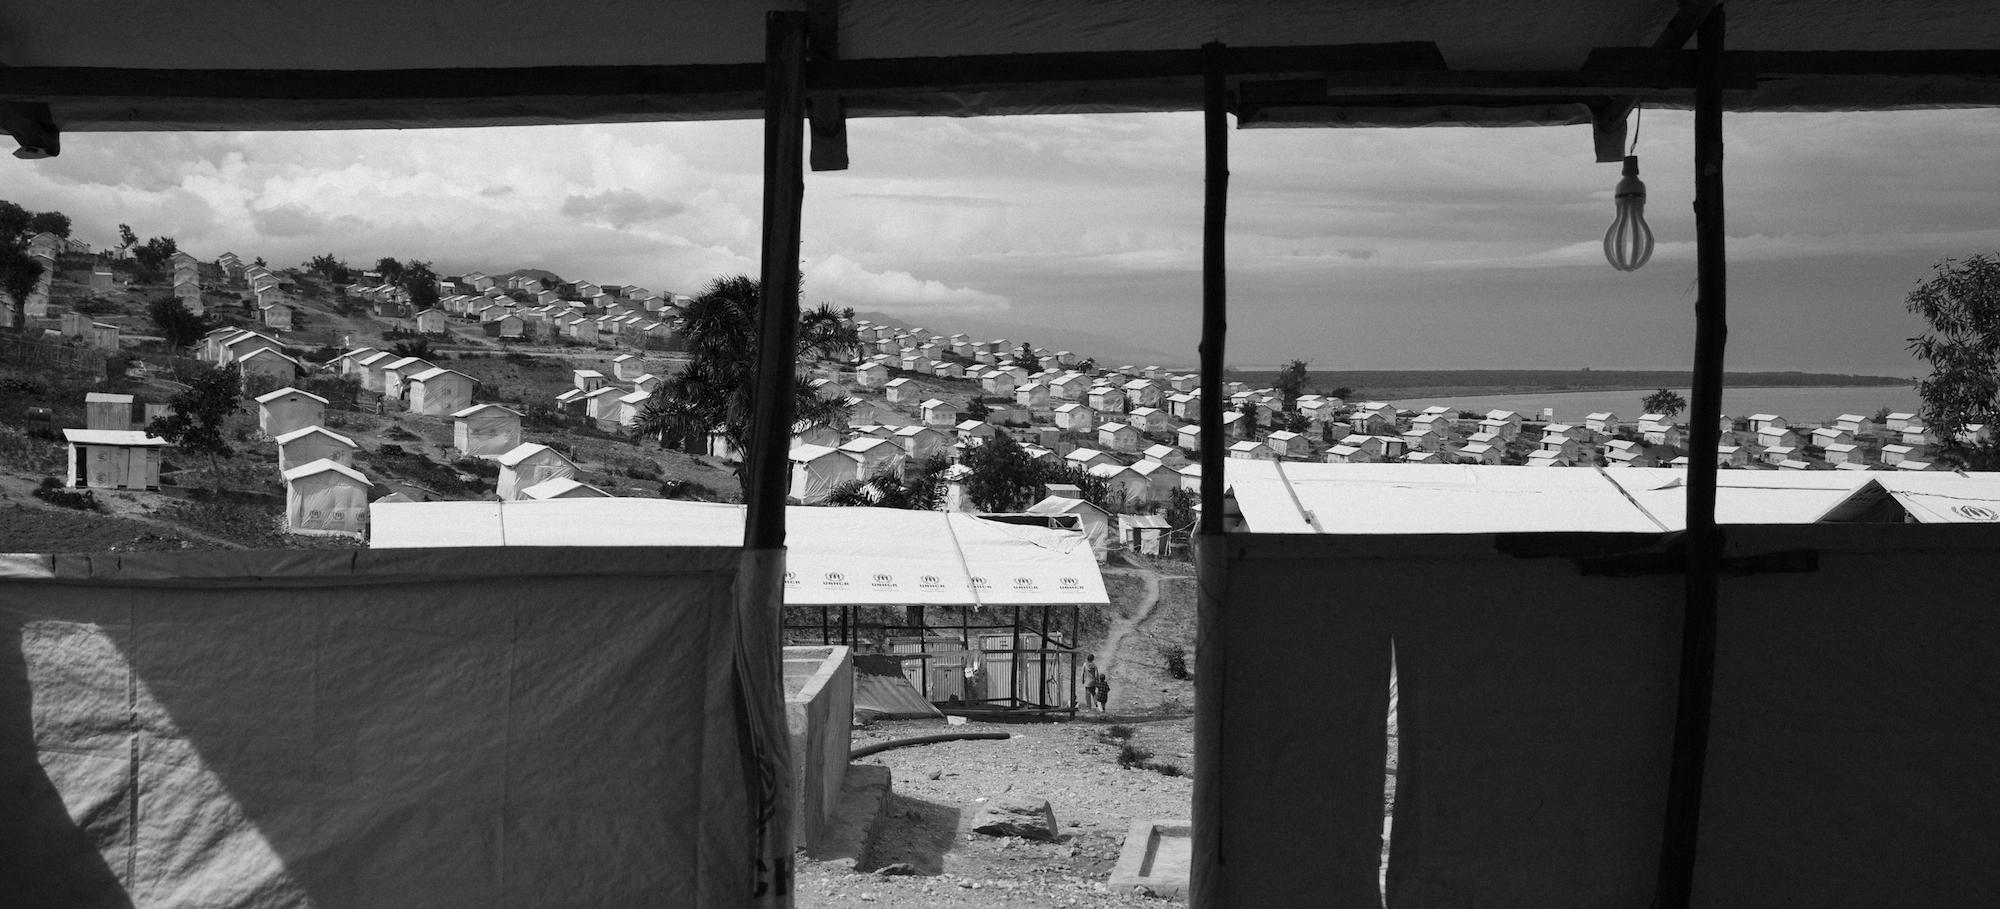 Das Flüchtlingslager in der Provinz Uvira in der Demokratischen Republik Kongo. 10'245 Personen sind hier untergebracht.